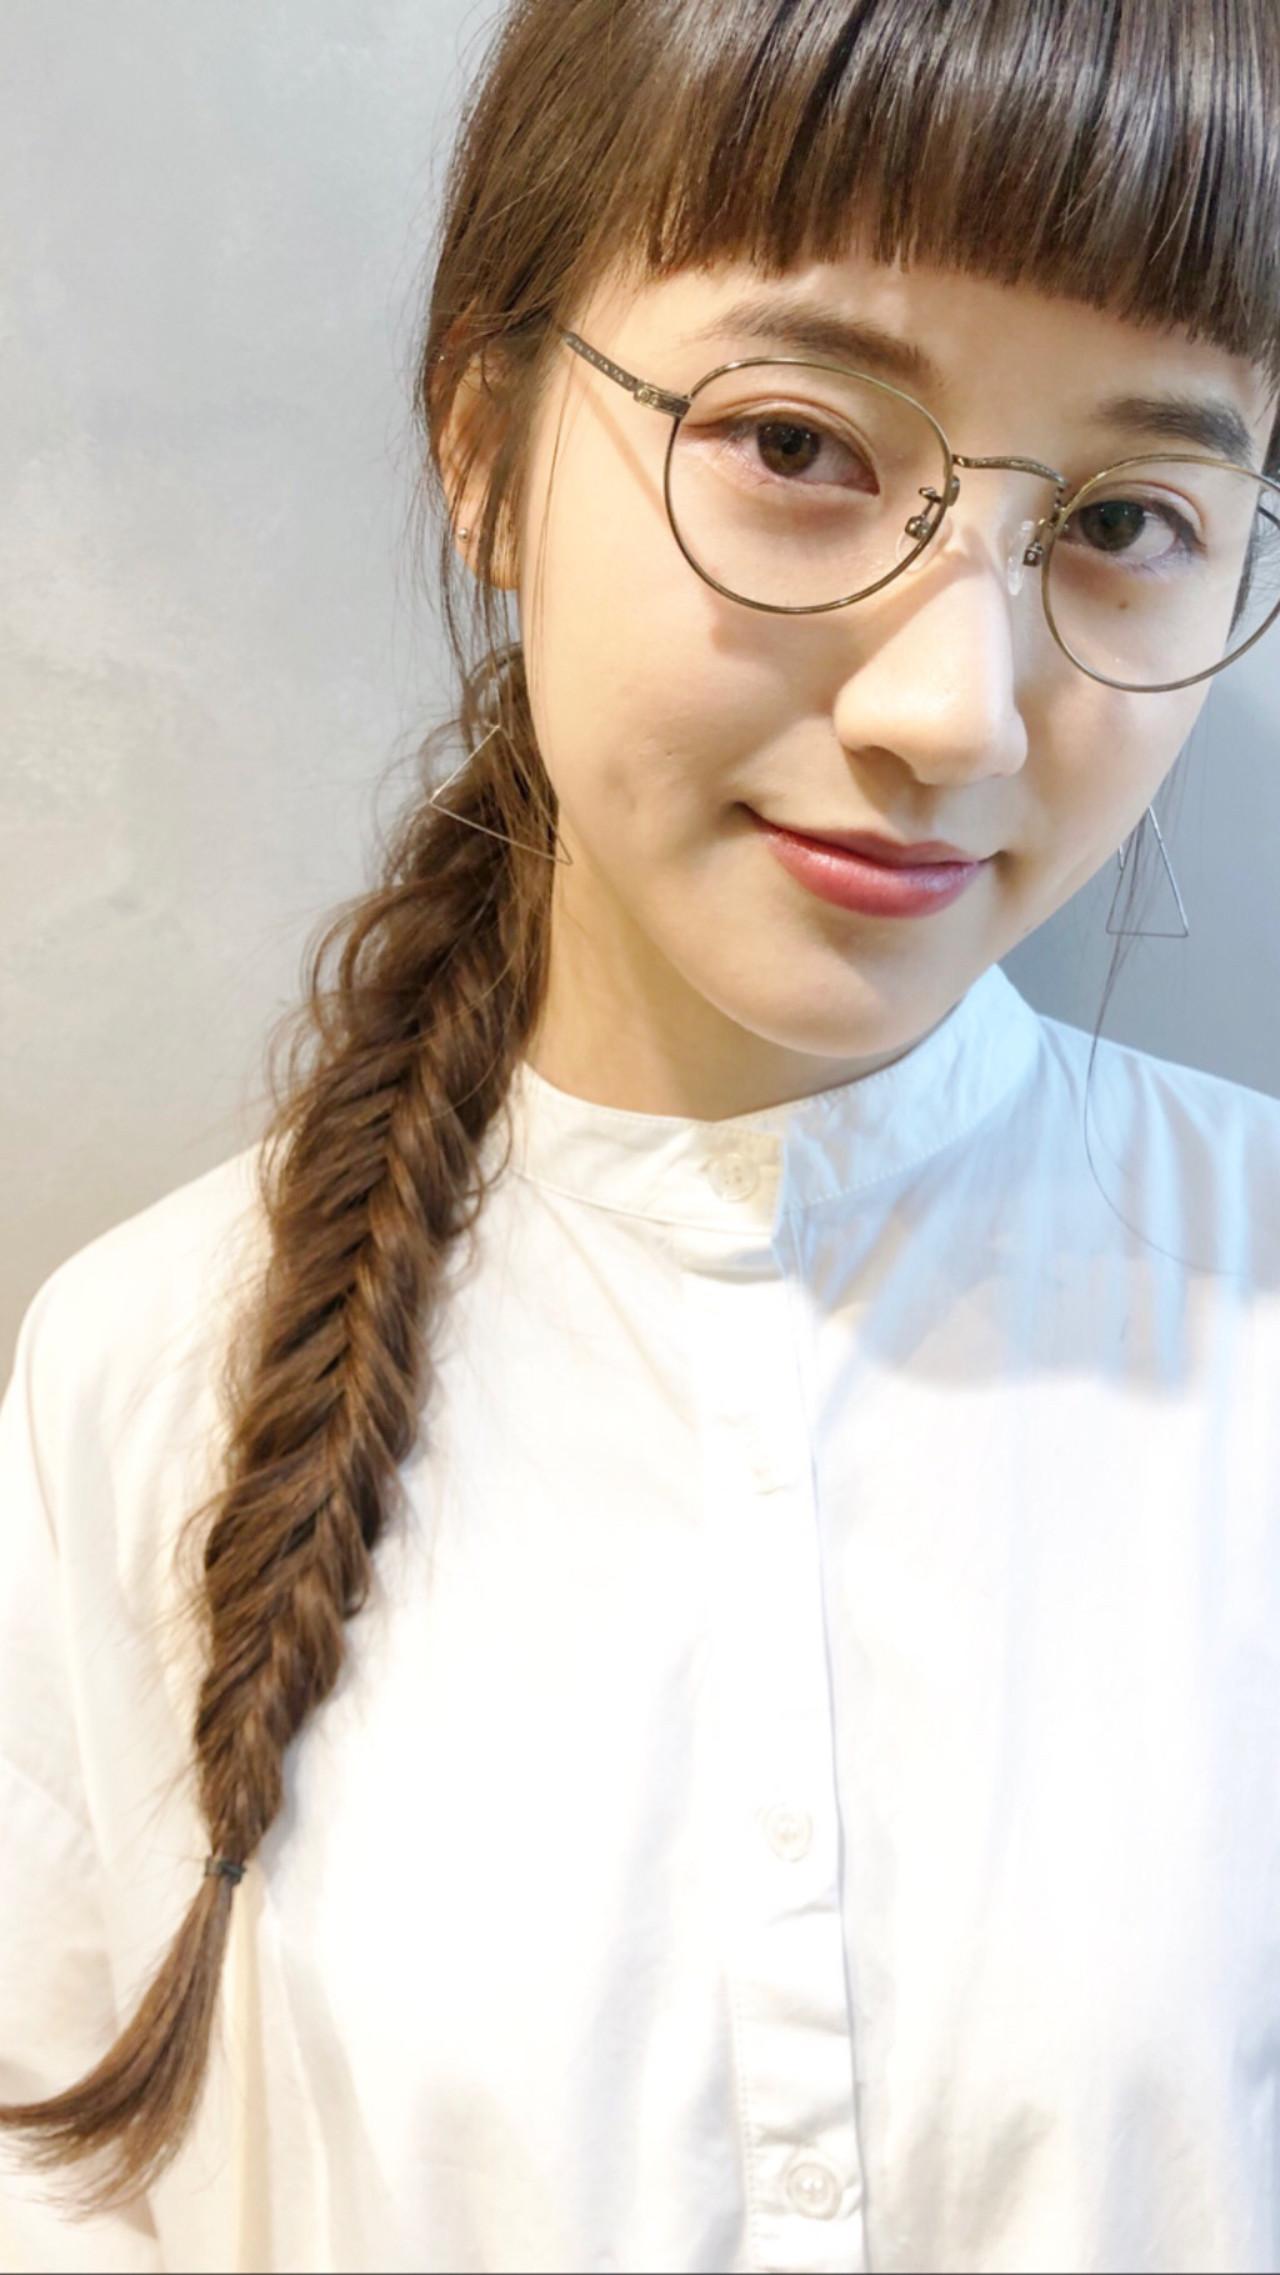 ヘアアレンジ シースルーバング ロング 簡単ヘアアレンジ ヘアスタイルや髪型の写真・画像